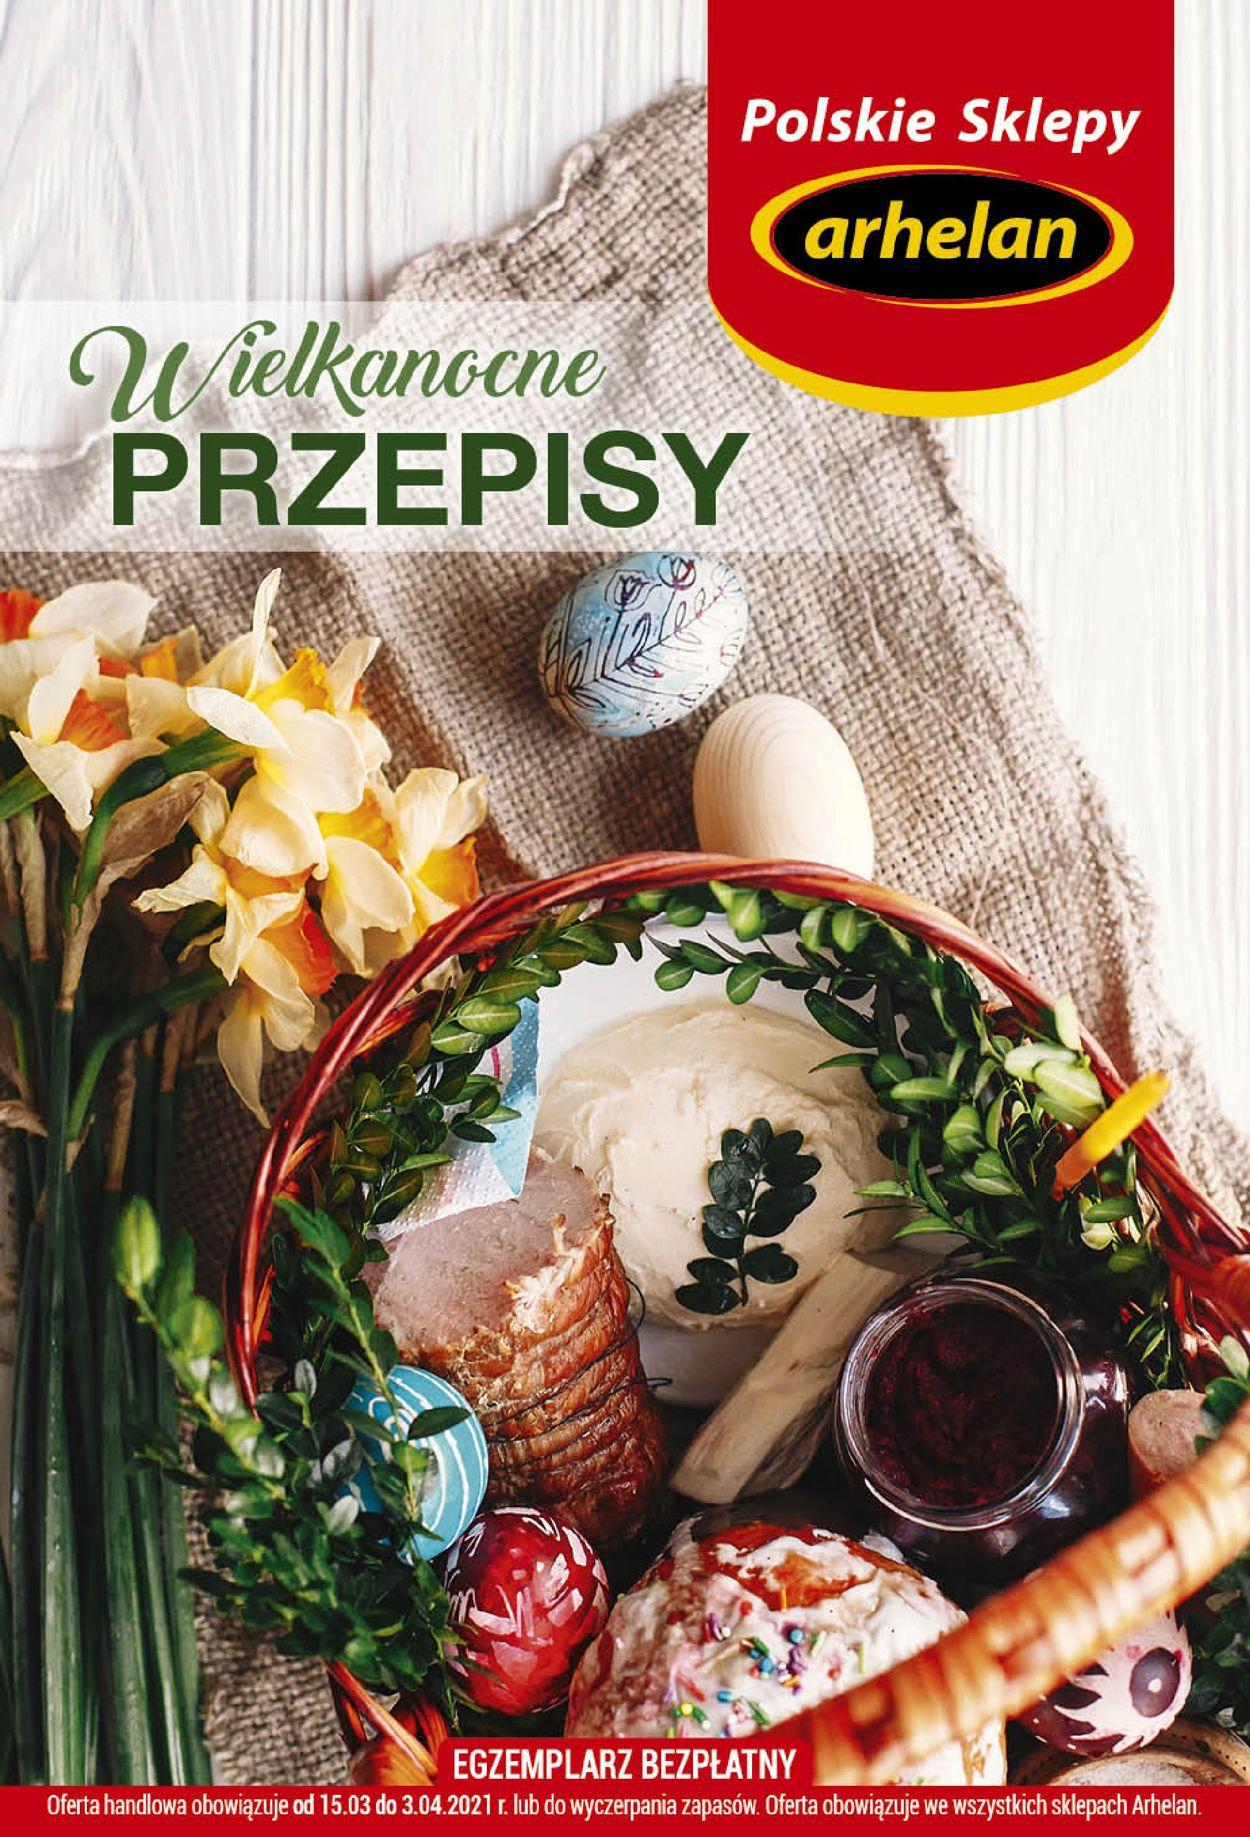 Gazetka promocyjna arhelan Wielkanocne Przepisy - 15.03-03.04.2021